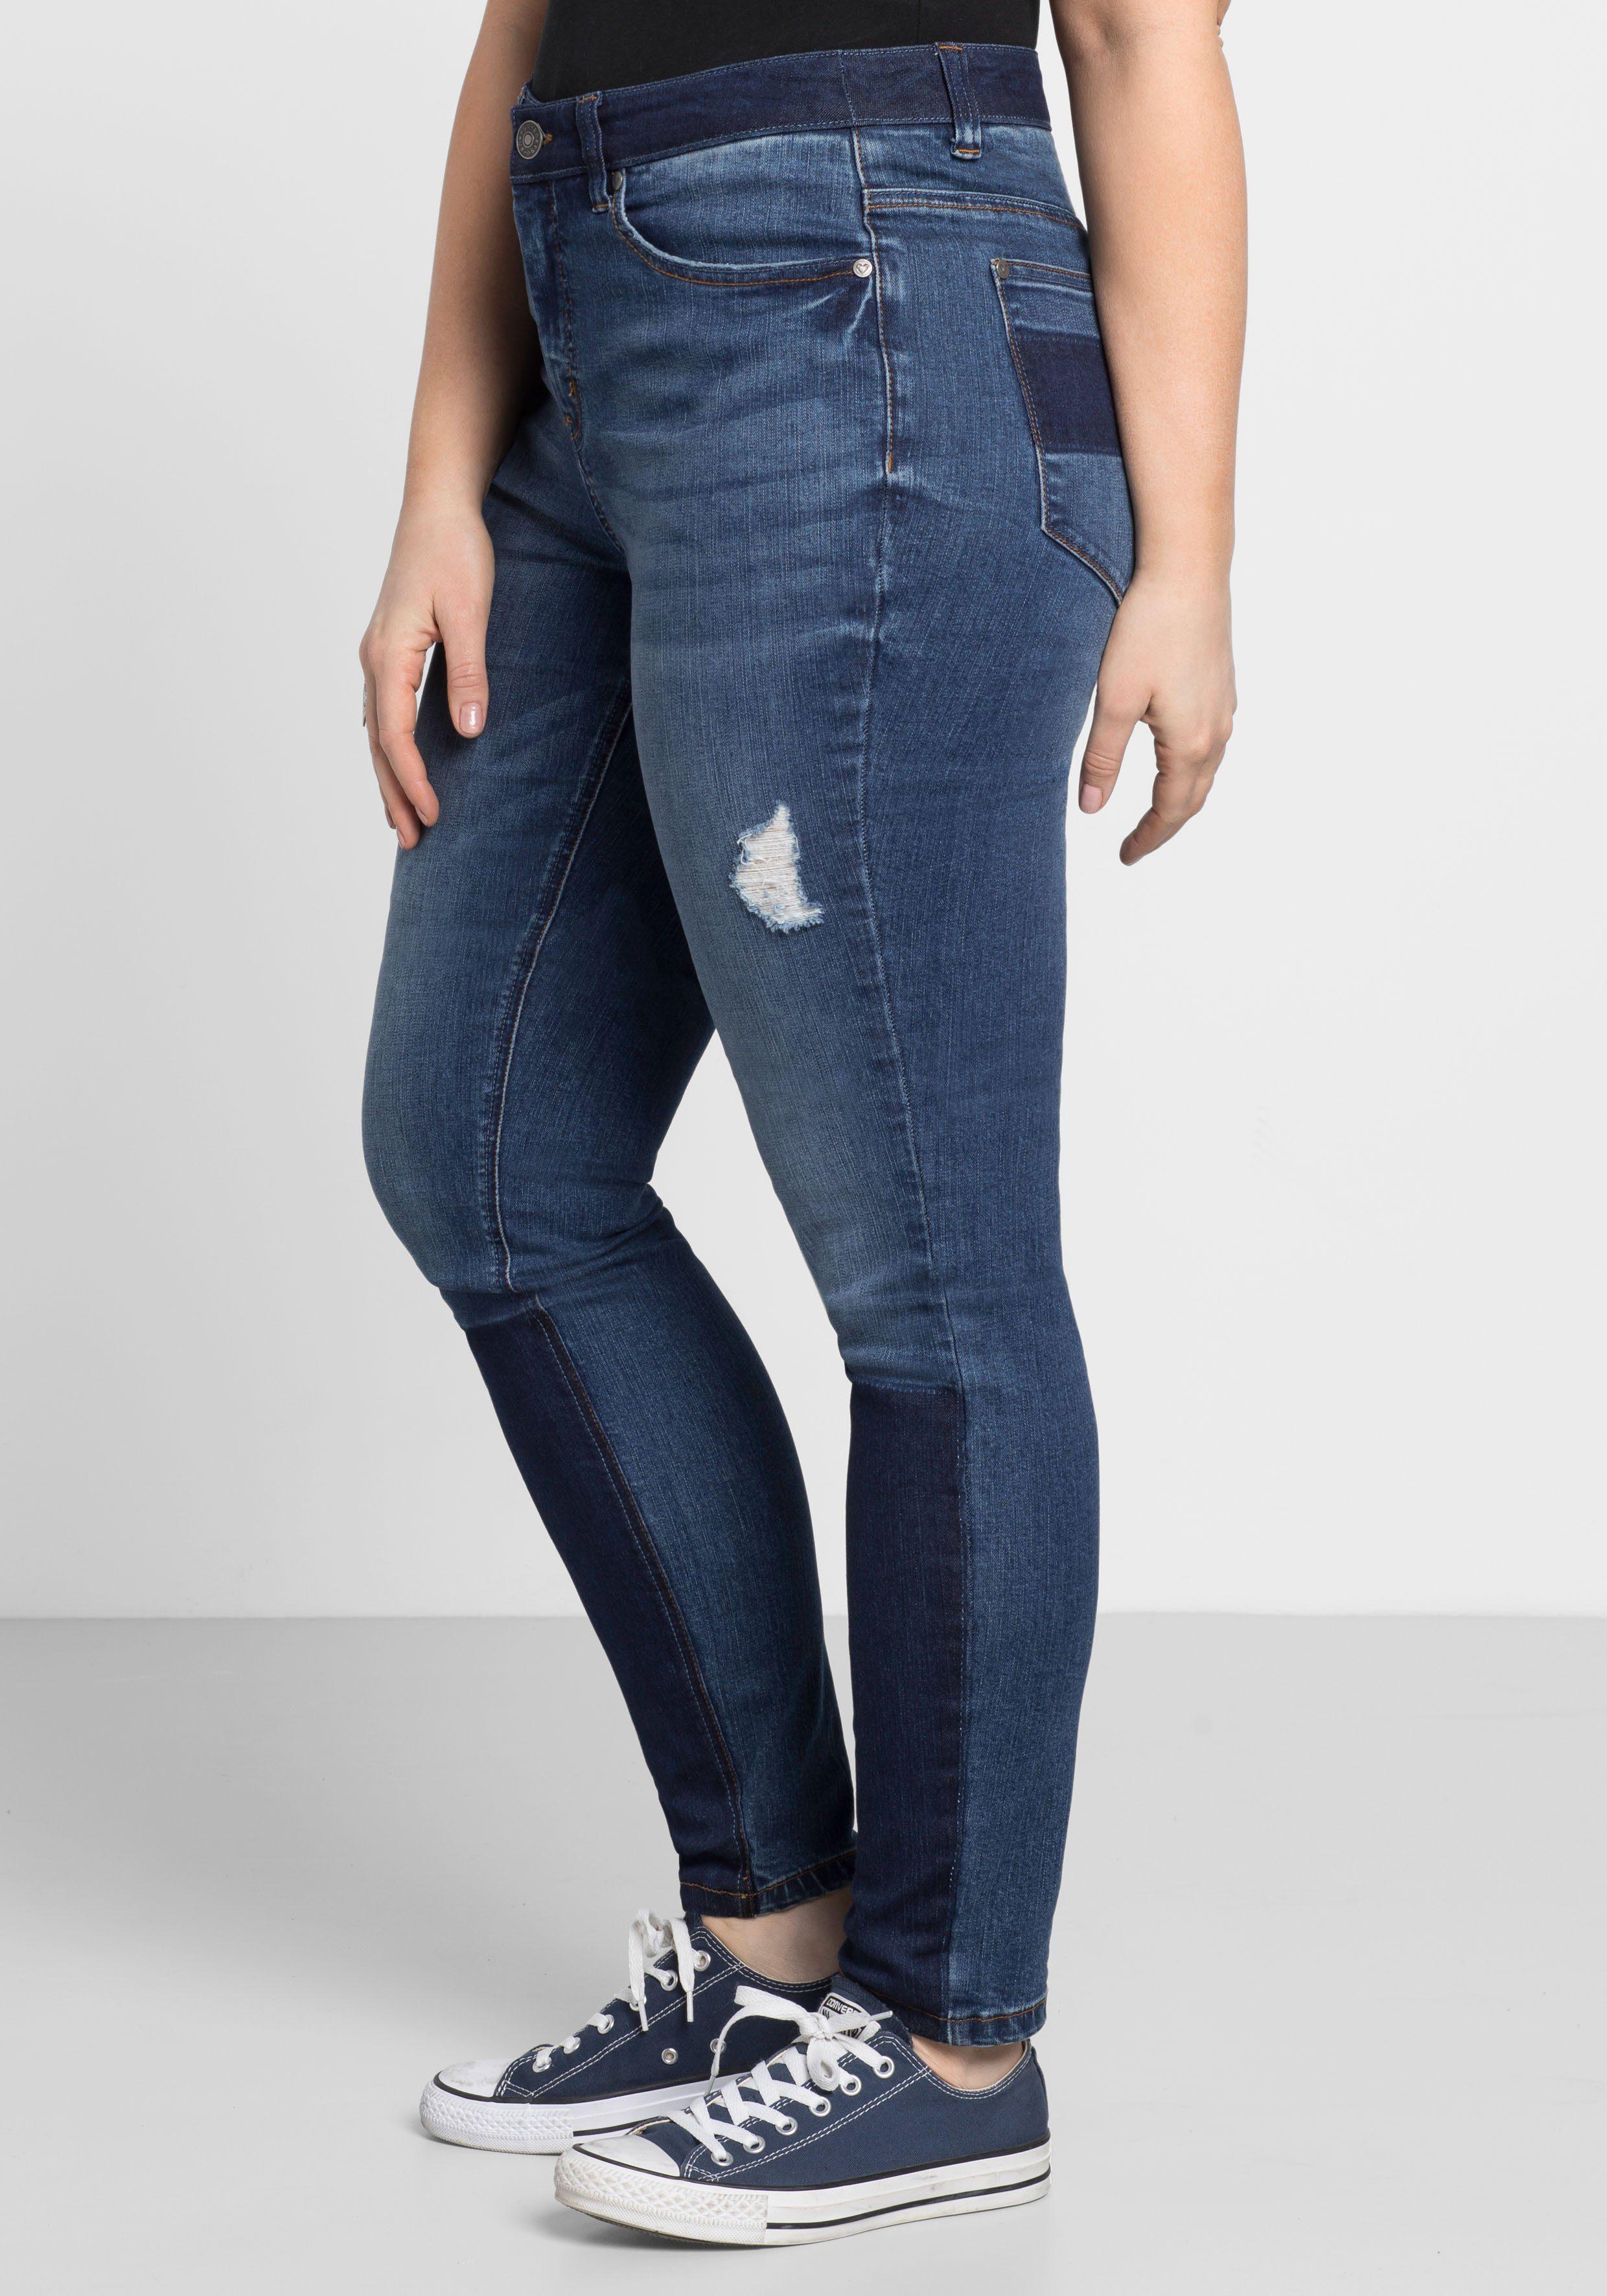 jeans jeans Kaufen Stretch Kaufen Sheego jeans Stretch Sheego Stretch Online Online Sheego HY2DIWE9